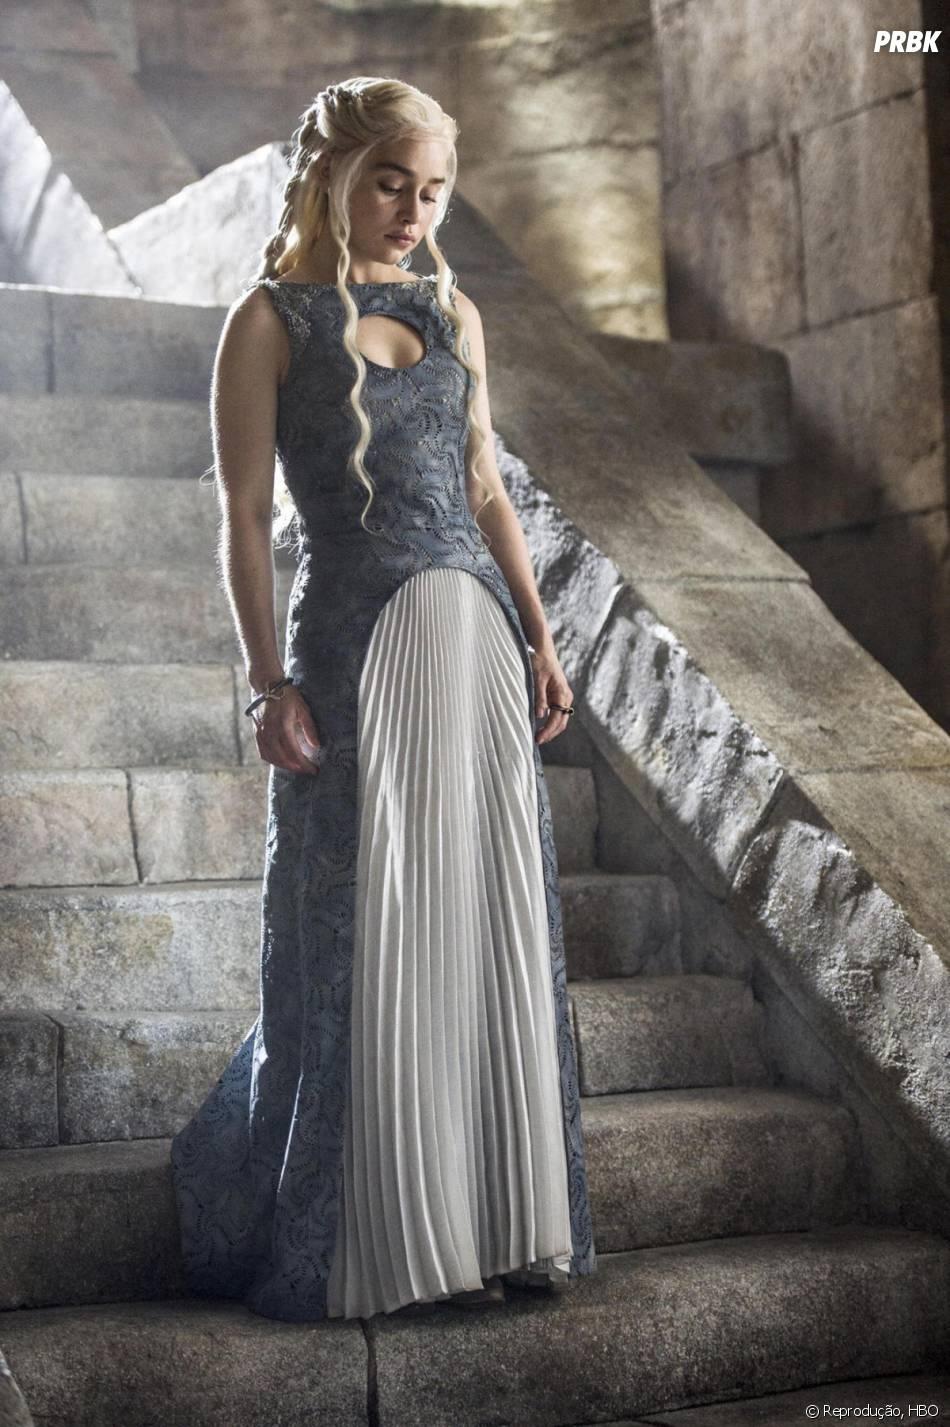 """Quais serão os próximos passos de Khaleesi (Emilia Clarke) no final de """"Game of Thrones""""?"""